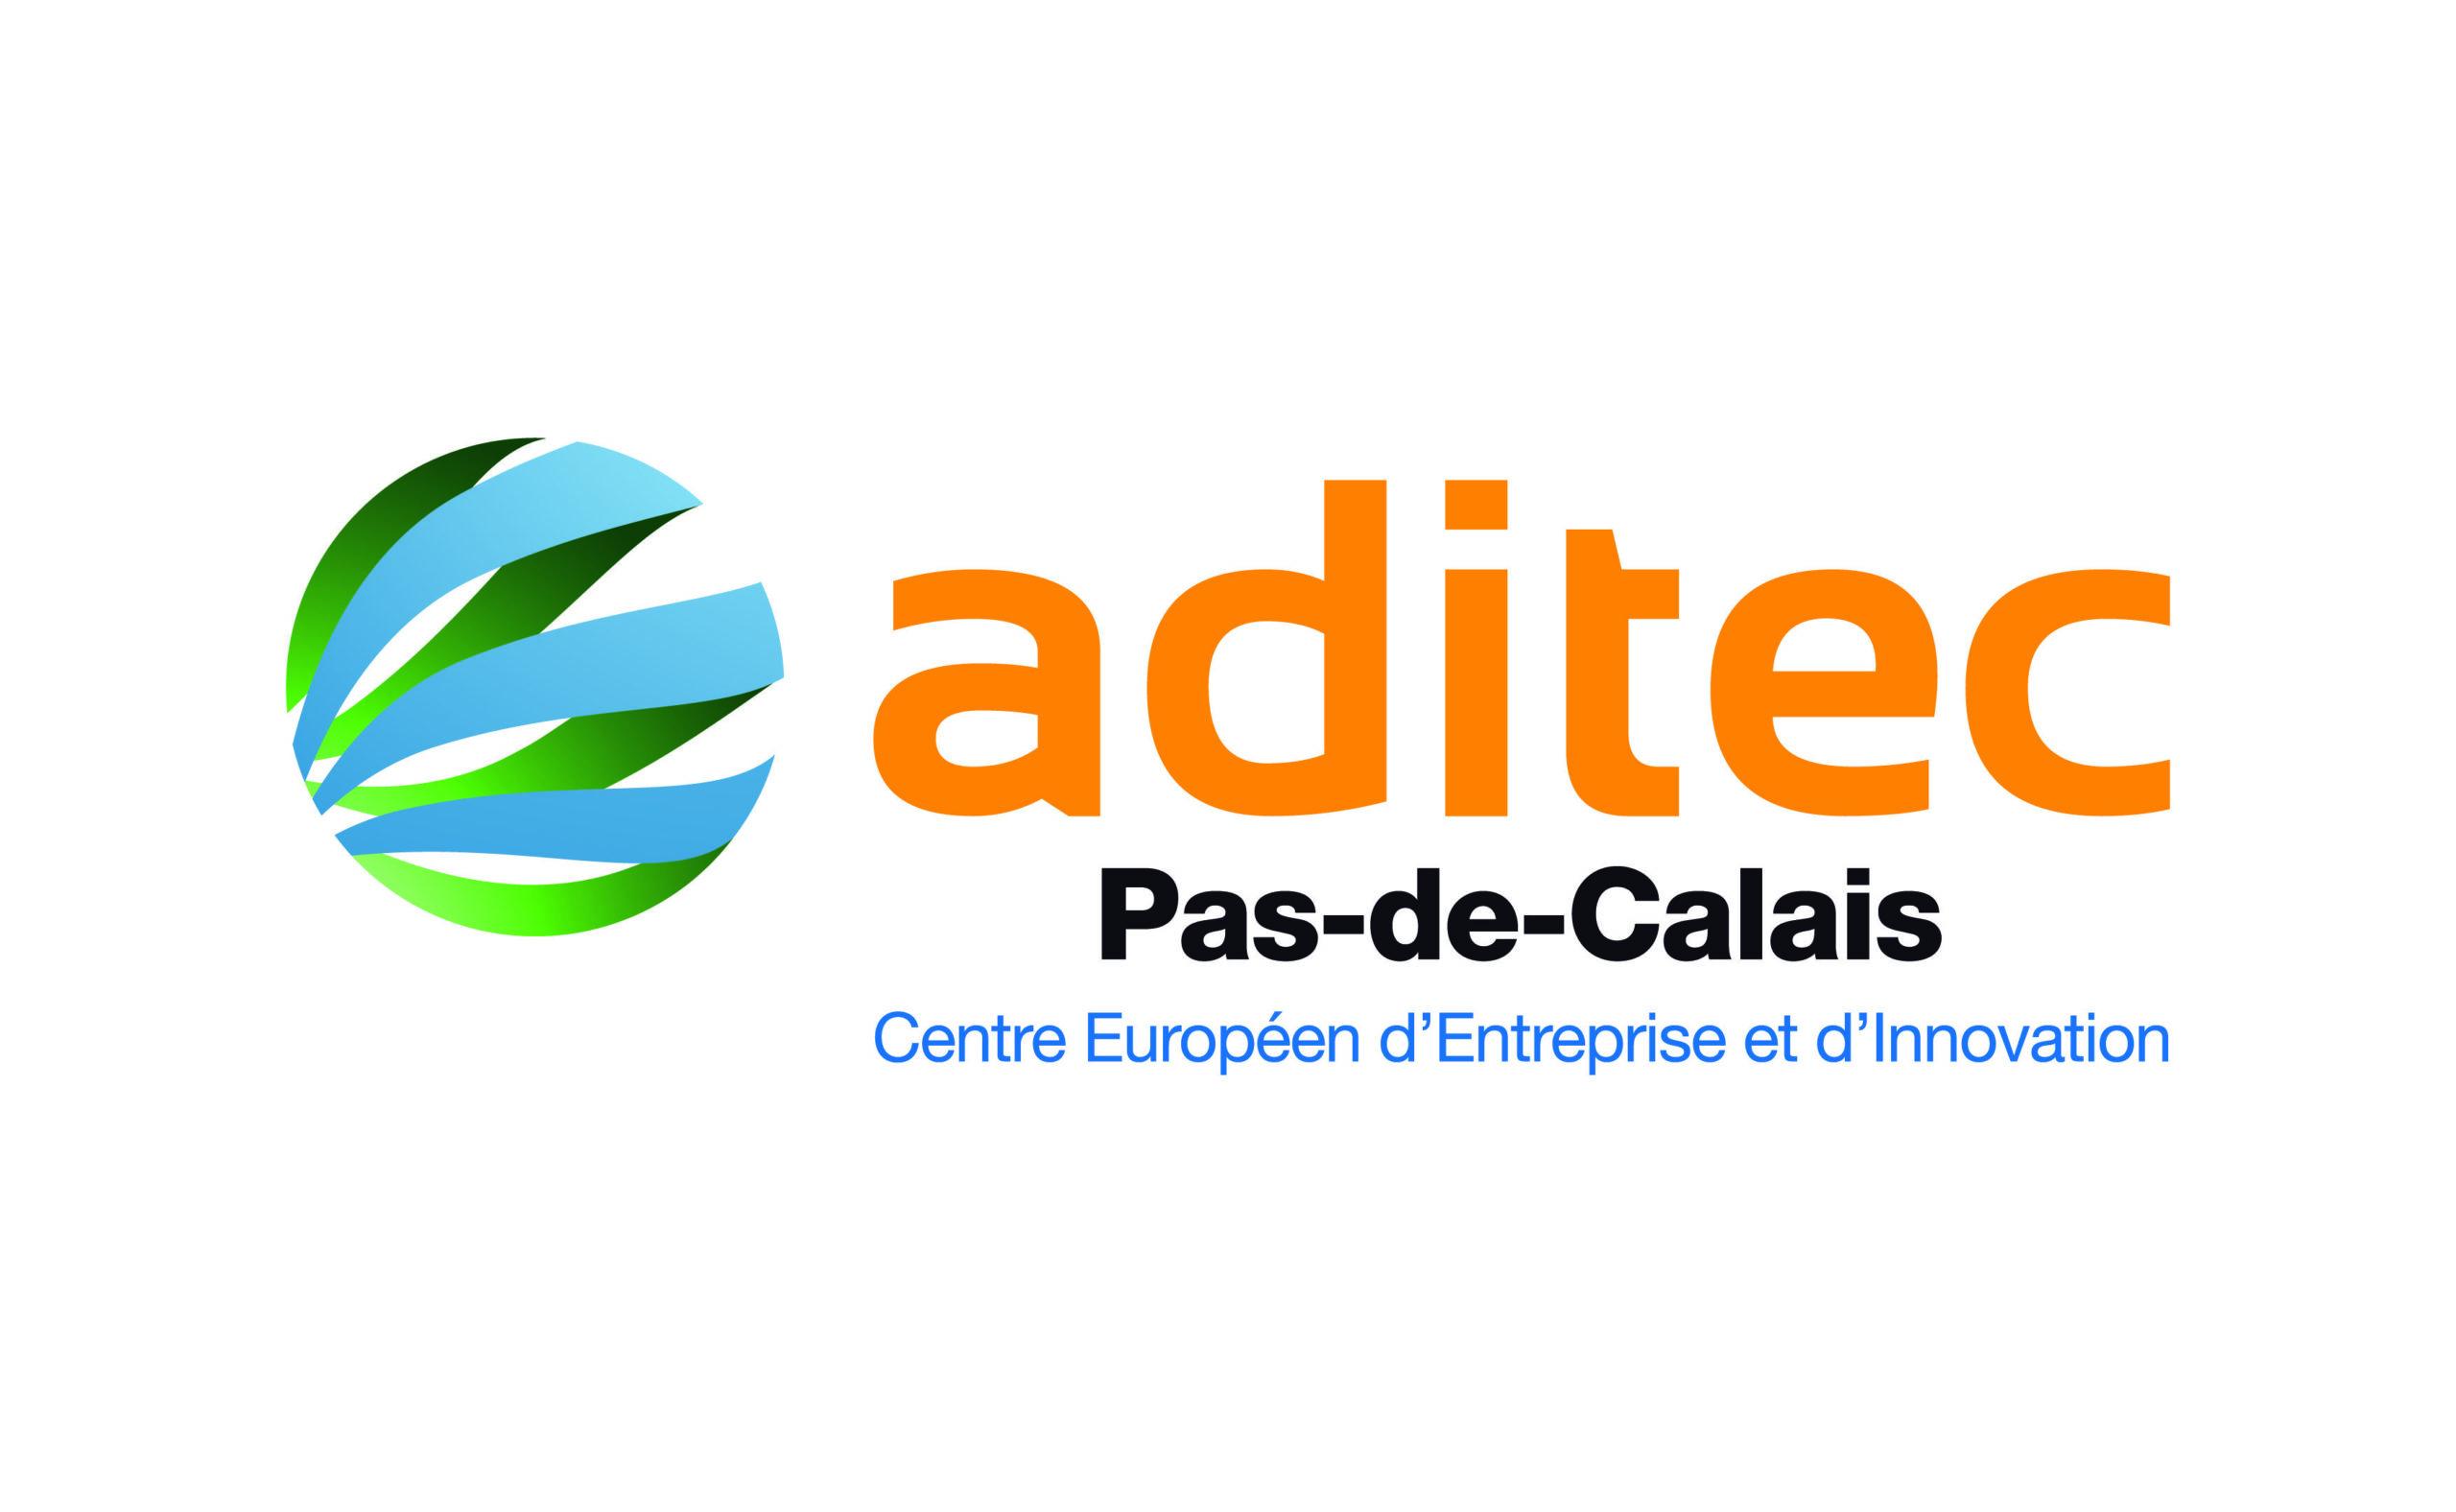 ADITEC Pas-de-Calais